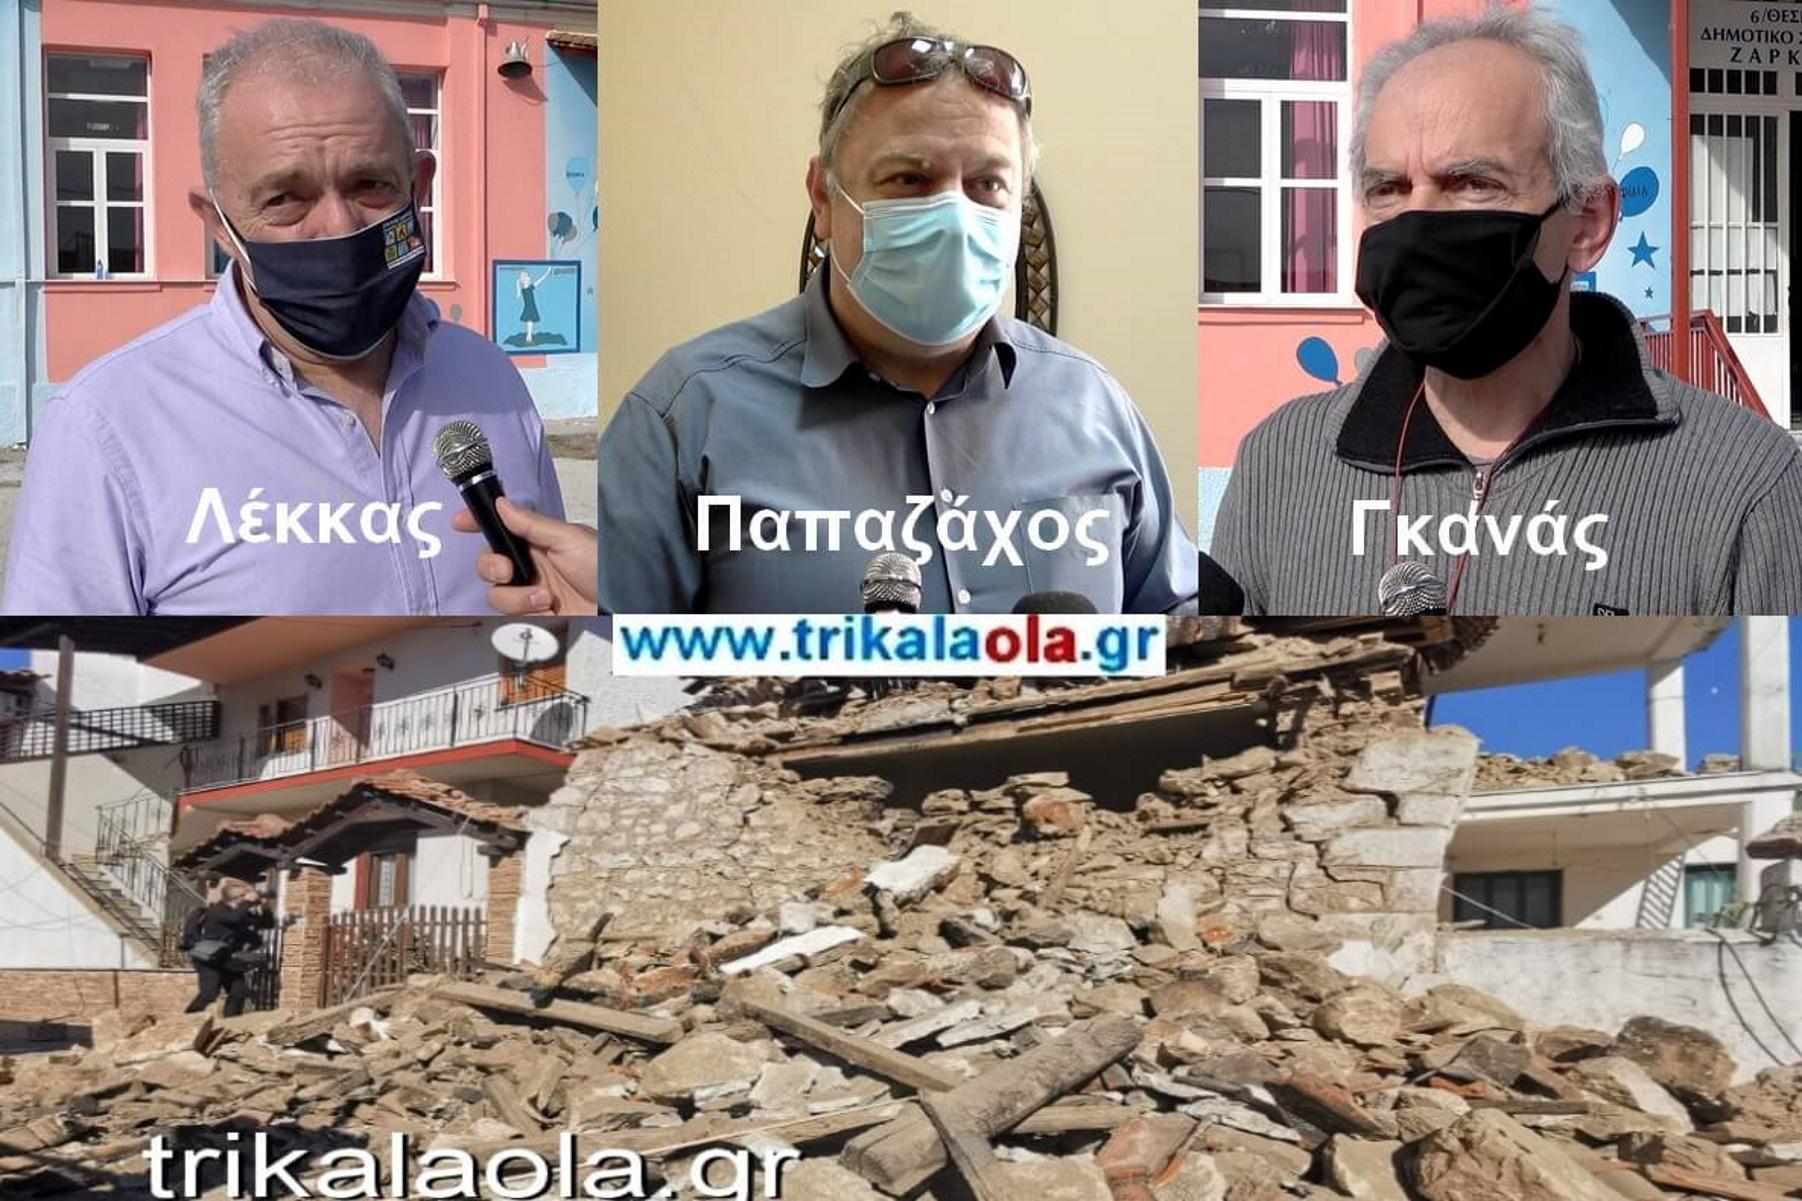 Λέκκας, Παπαζάχος, Γκανάς: «Θα γίνουν και άλλοι ισχυροί σεισμοί στη Θεσσαλία» – Τι λένε για τα ρήγματα (video)